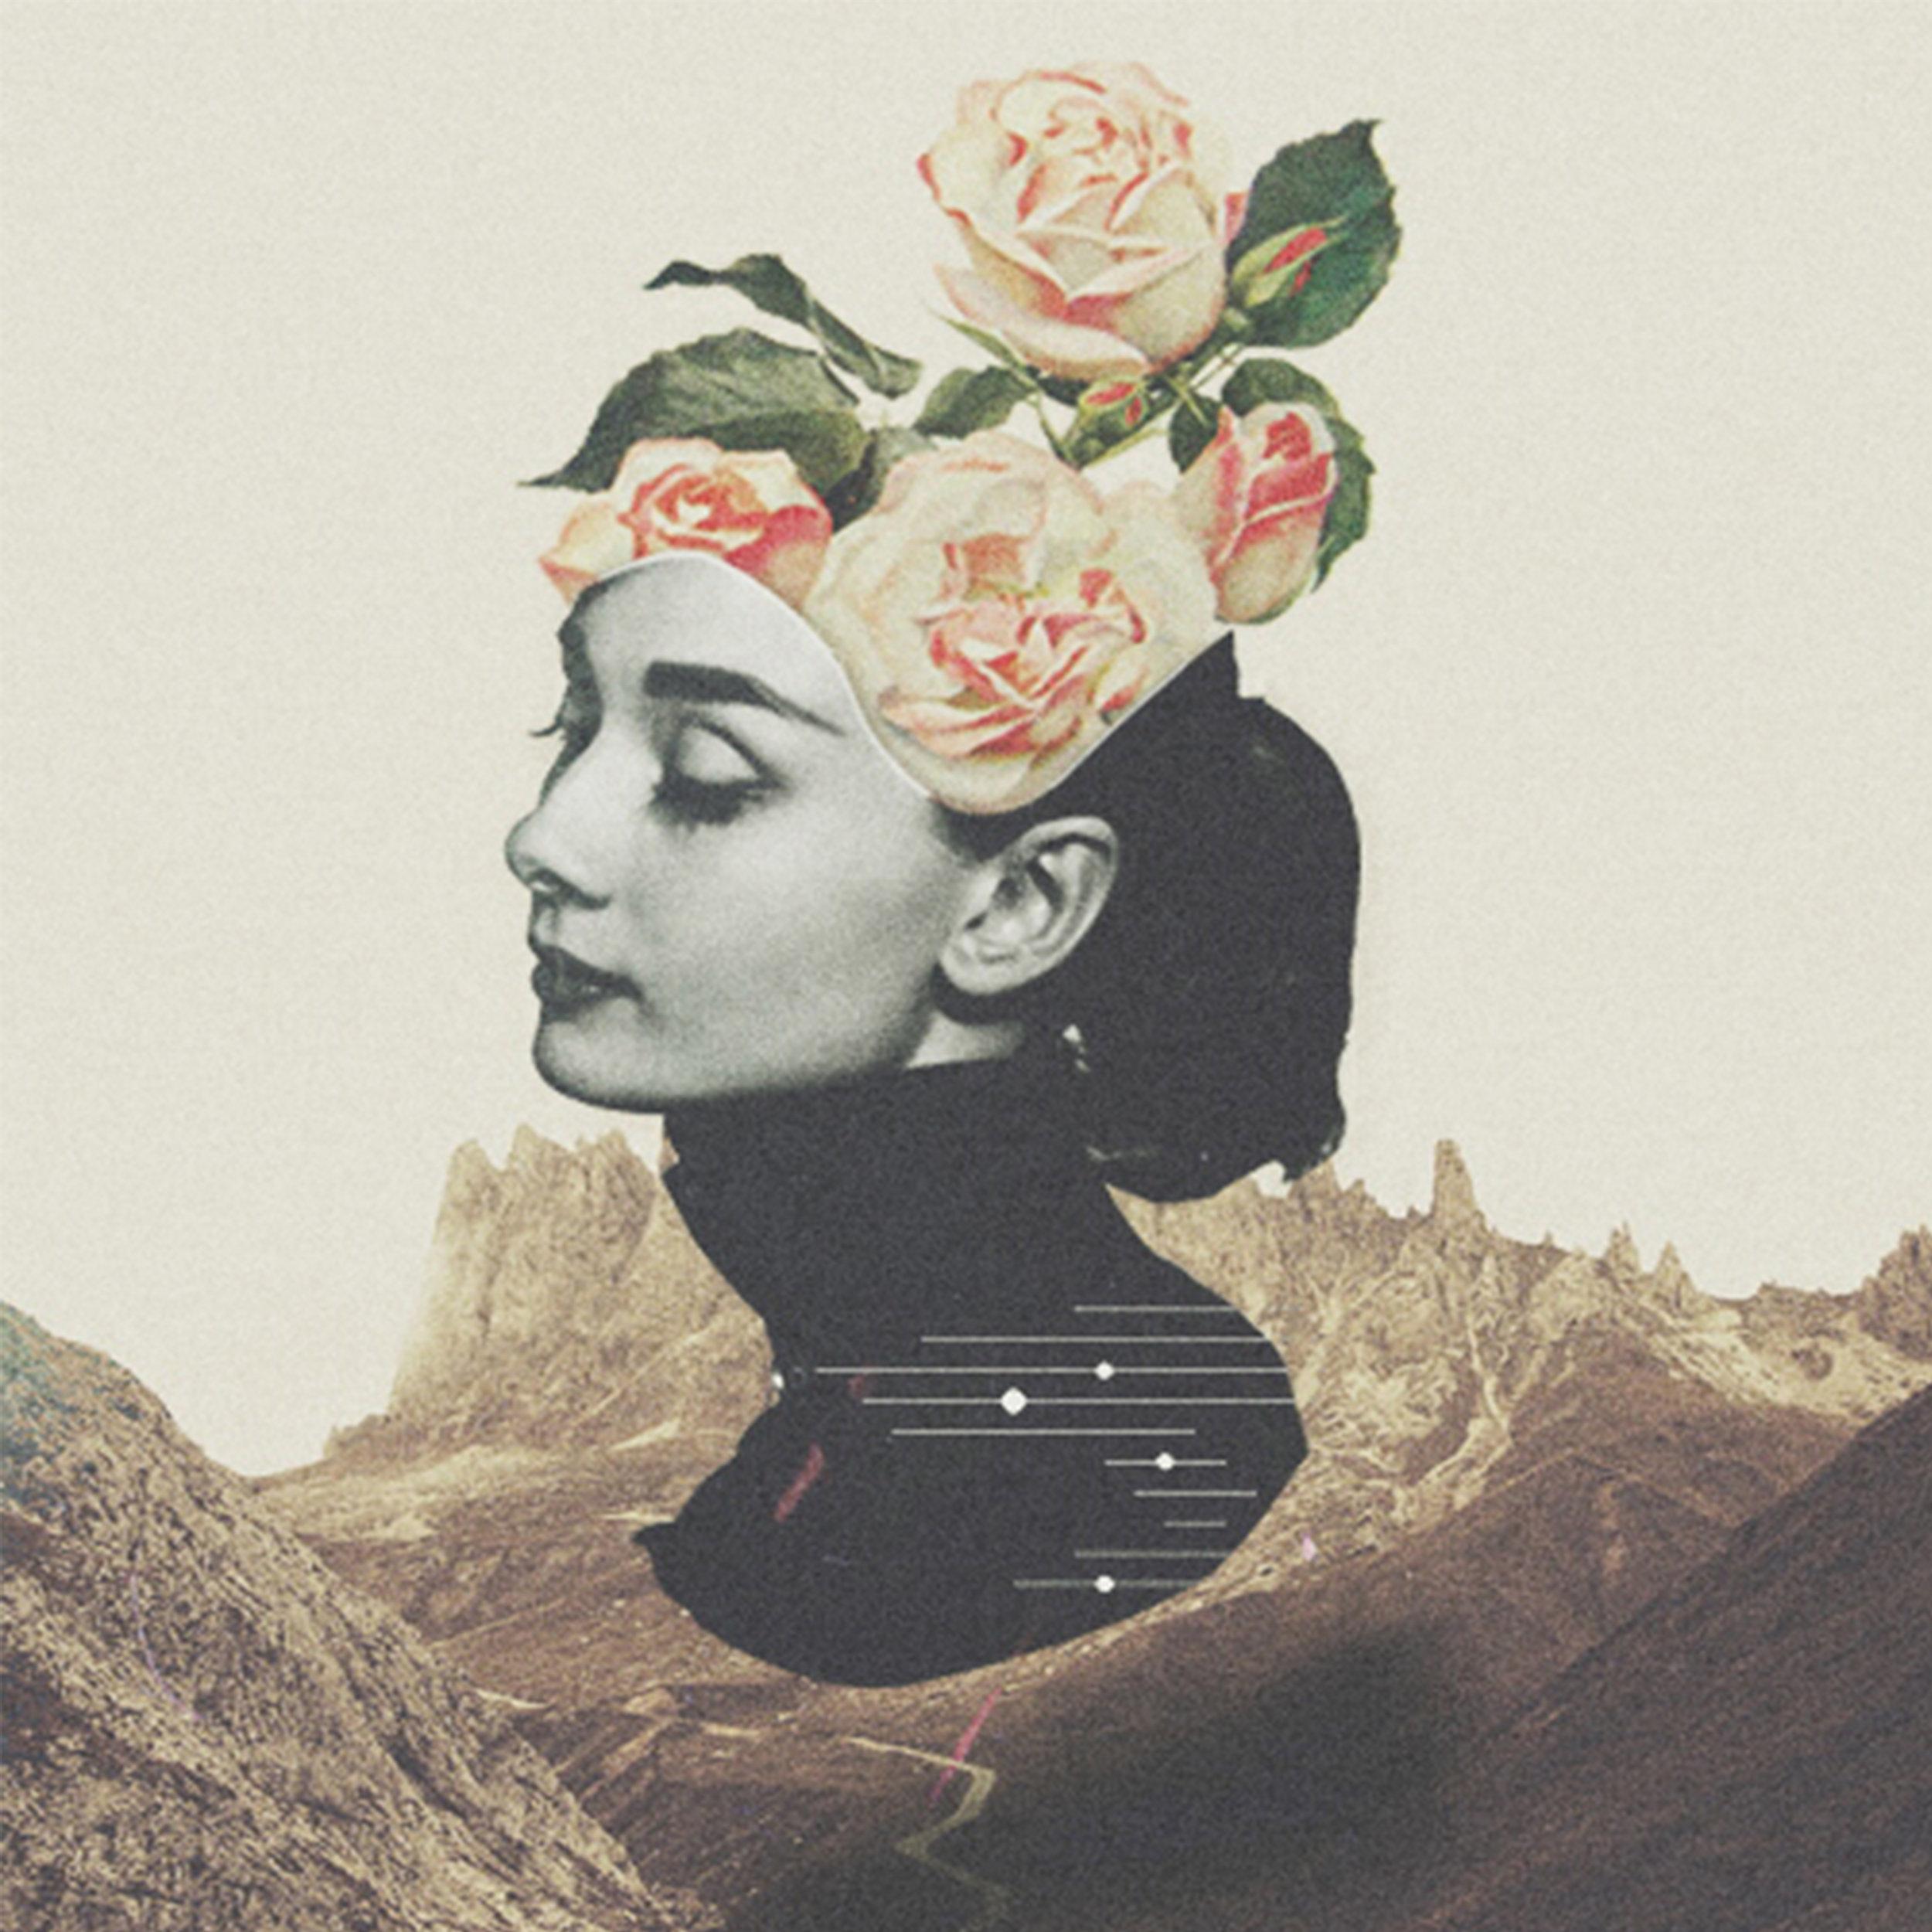 'Sonder' || ft. Audrey Hepburn